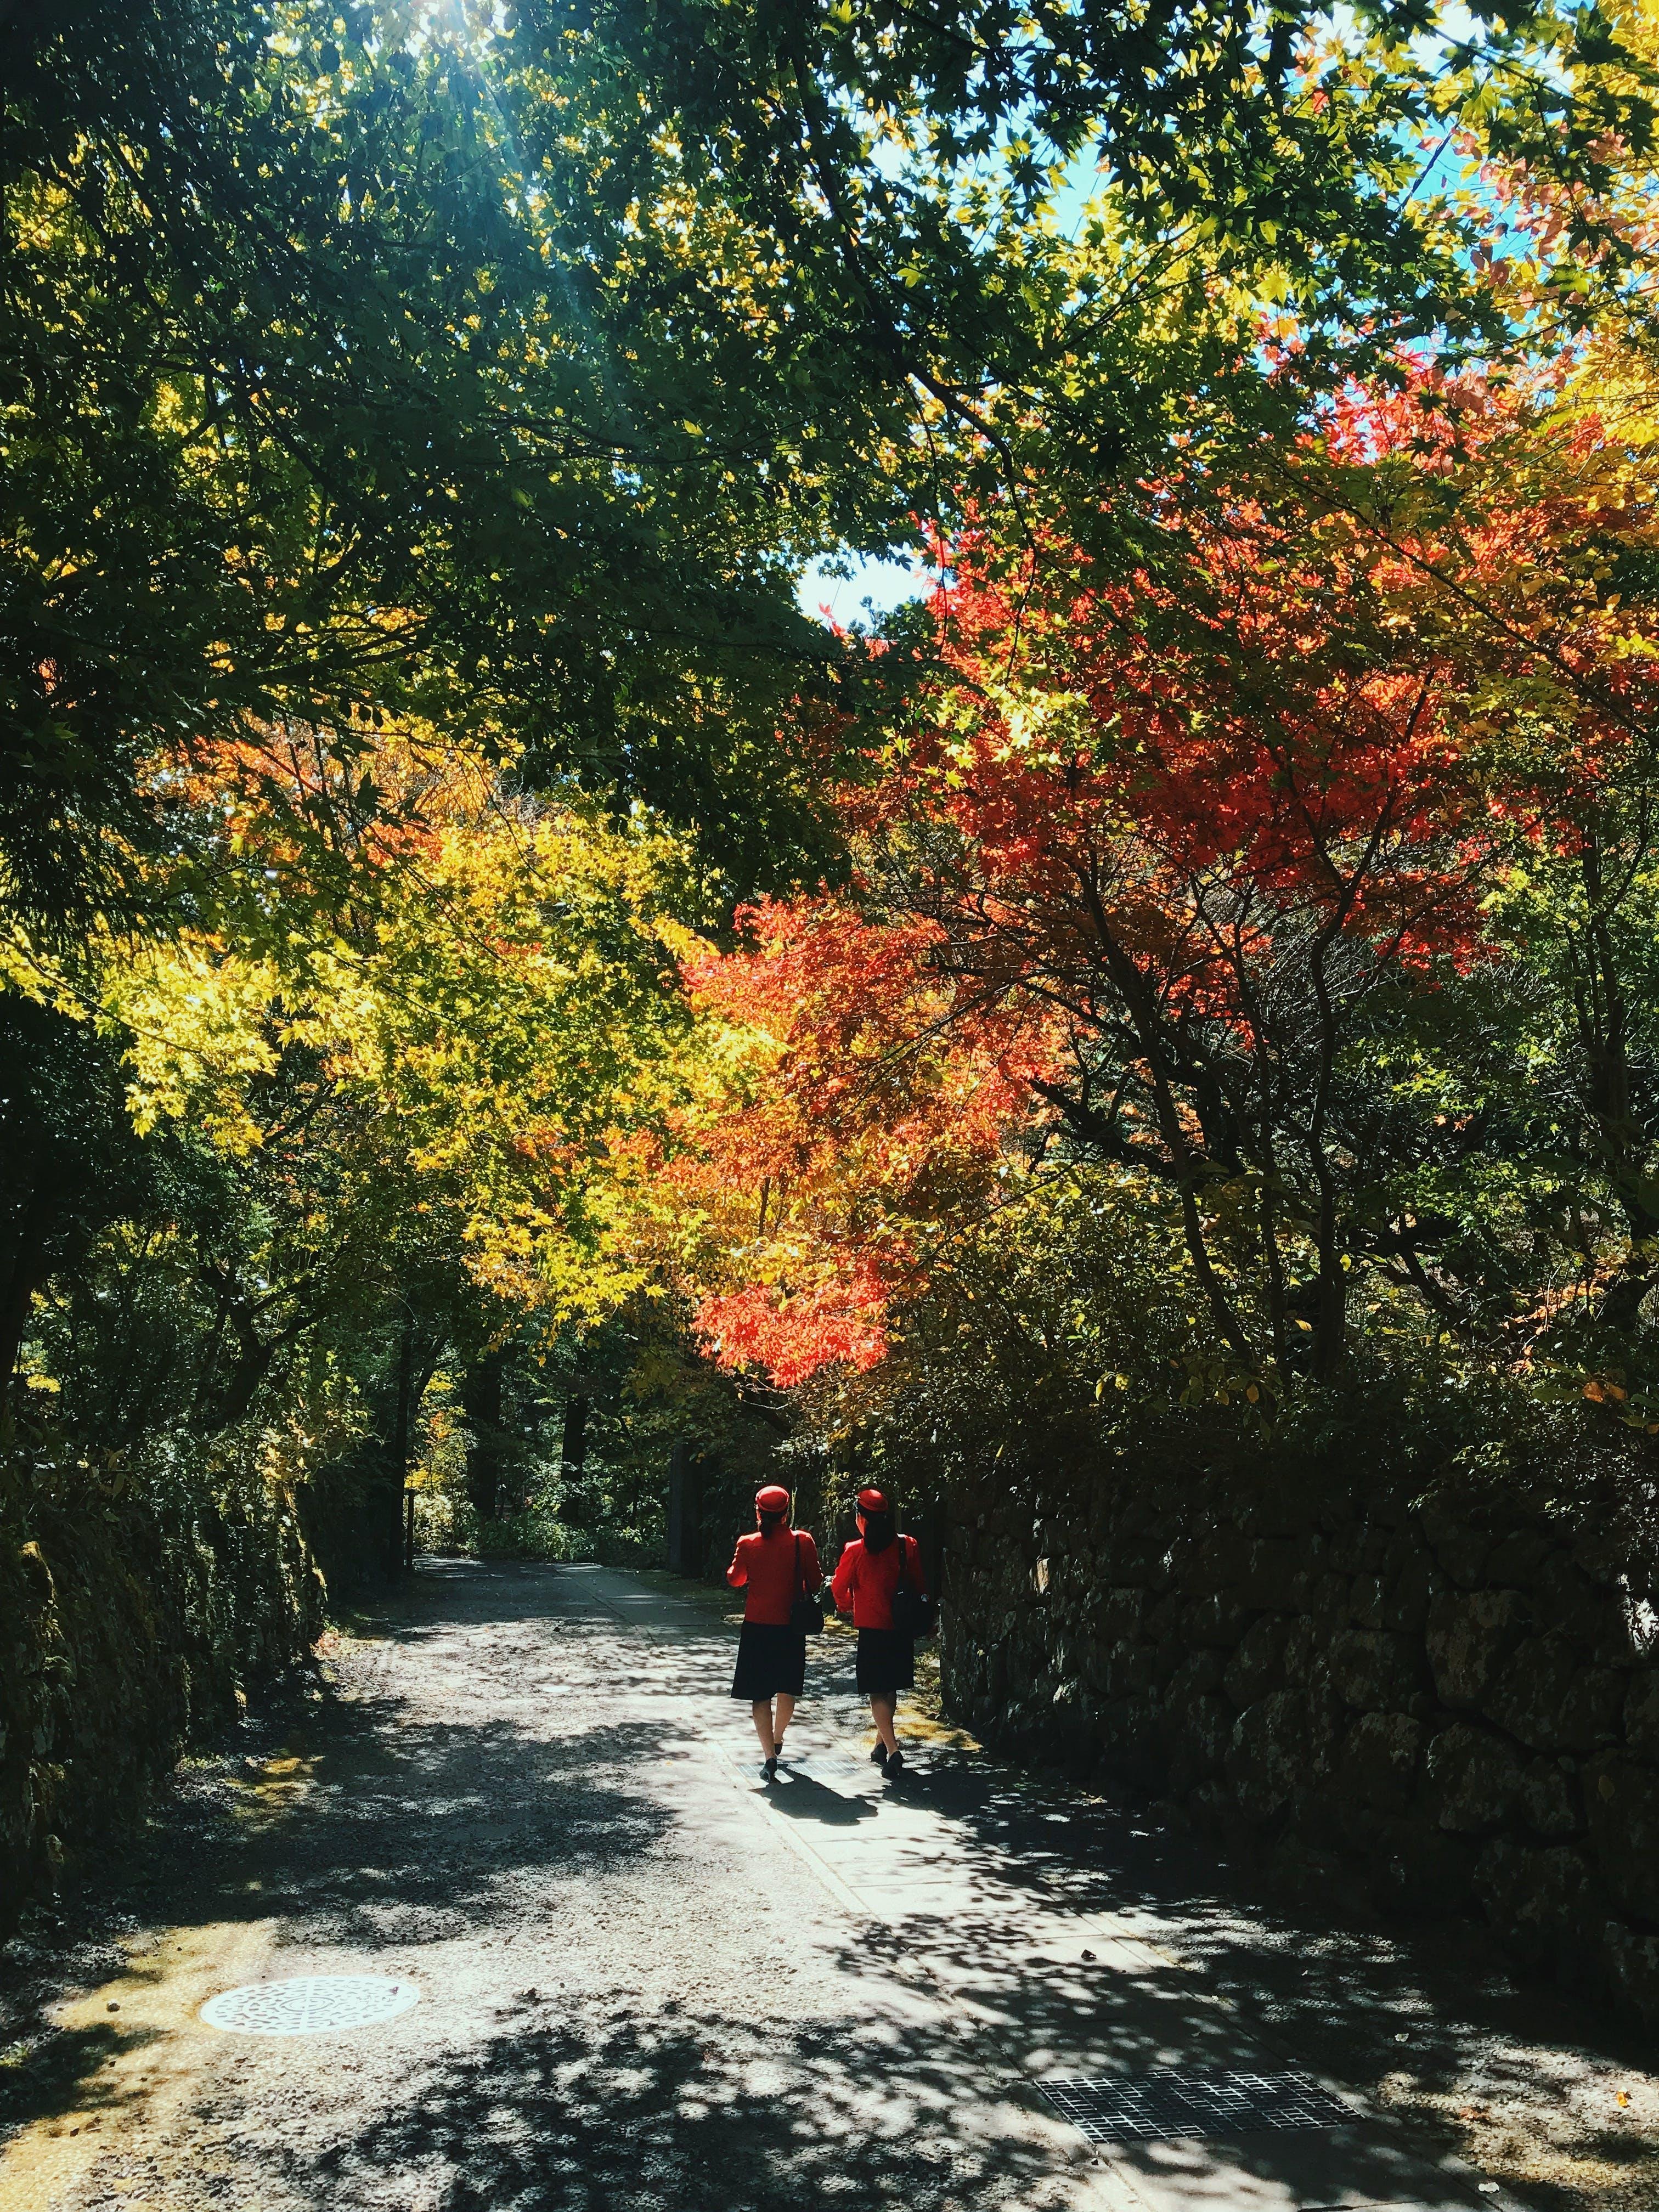 Kostenloses Stock Foto zu bäume, gehen, menschen, pfad